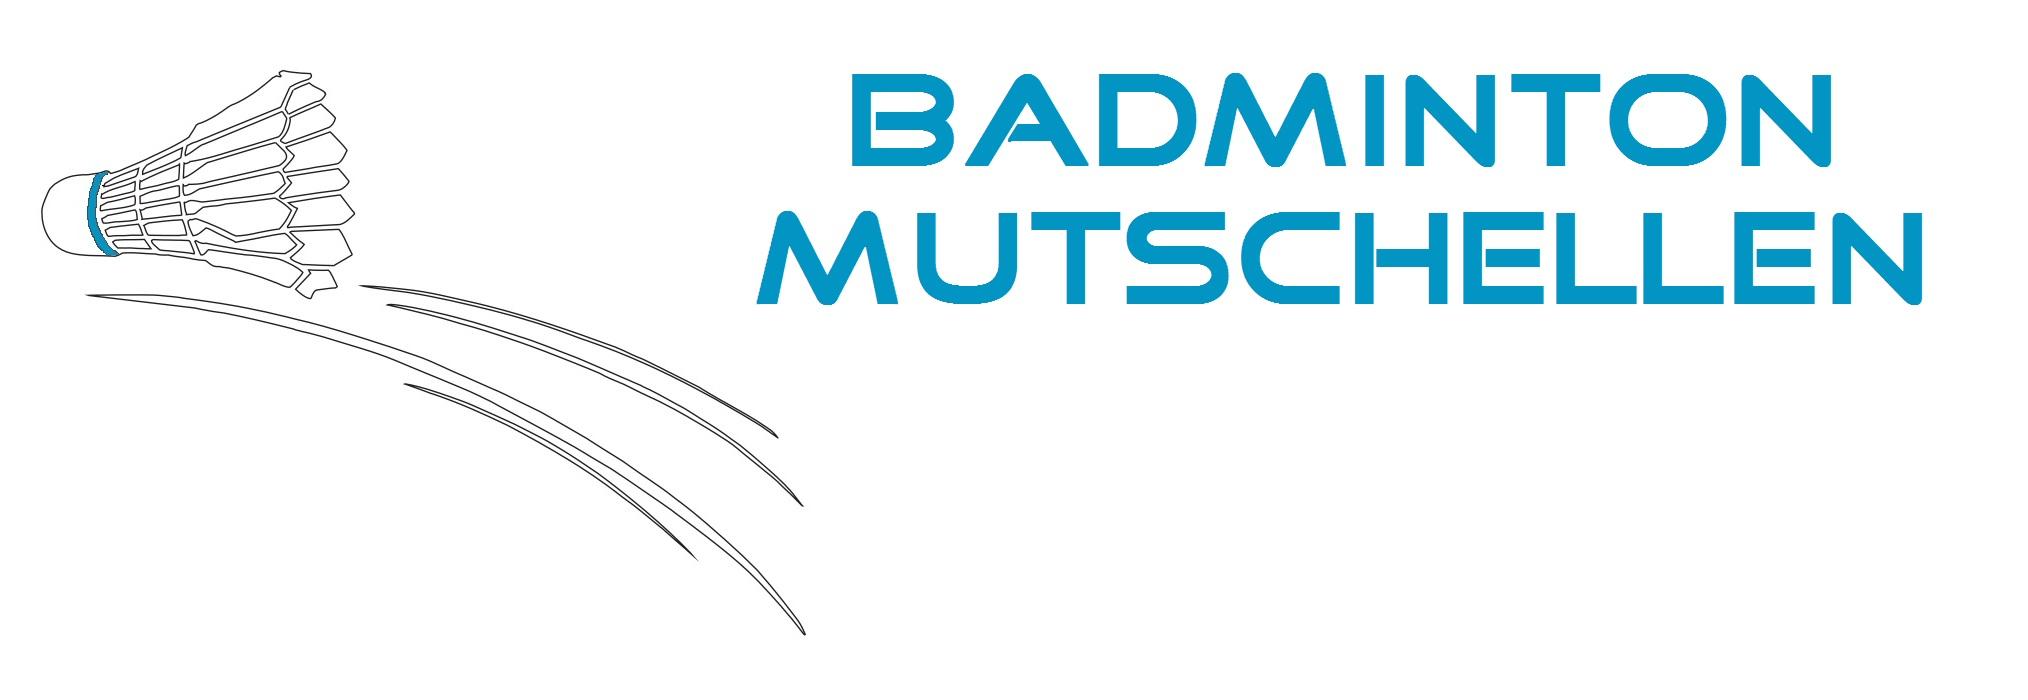 Badminton Mutschellen